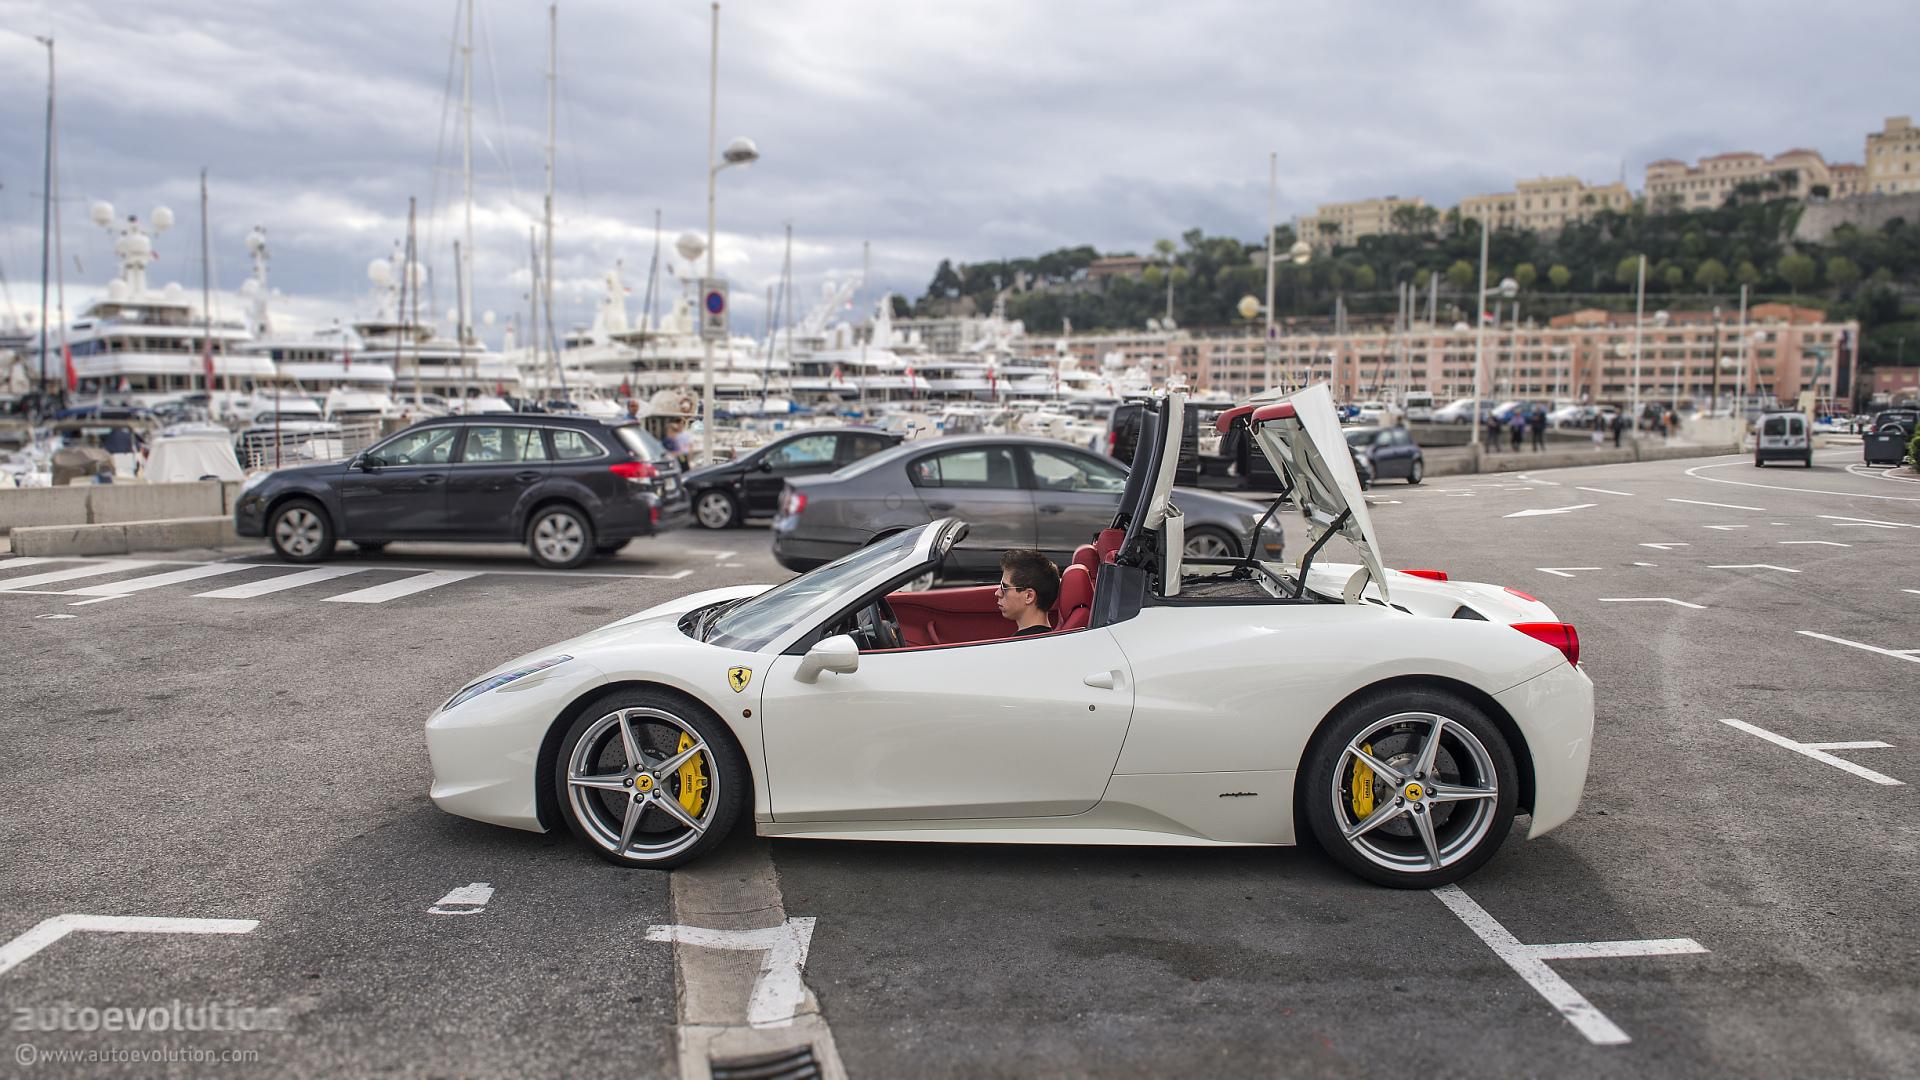 2012 wheelsandmore ferrari 458 spider images pictures and videos - Wheelsandmore Ferrari 458 Italia